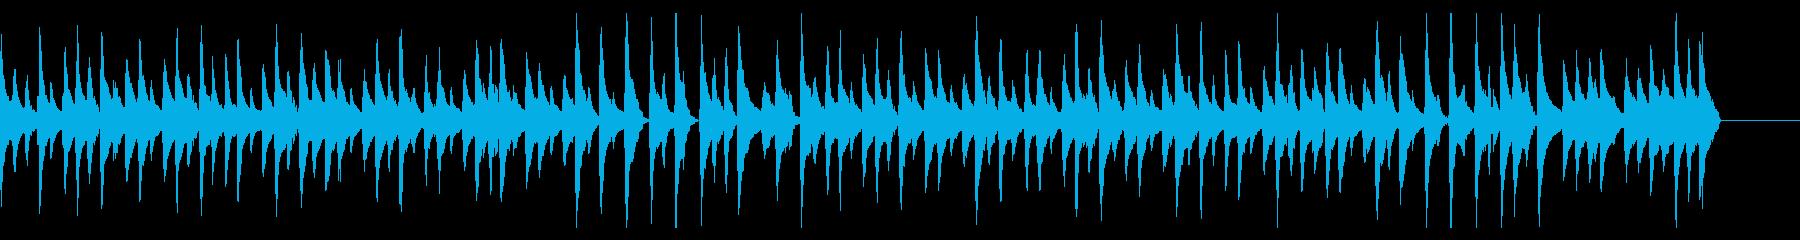 ウクレレと木琴のゆったりした曲の再生済みの波形